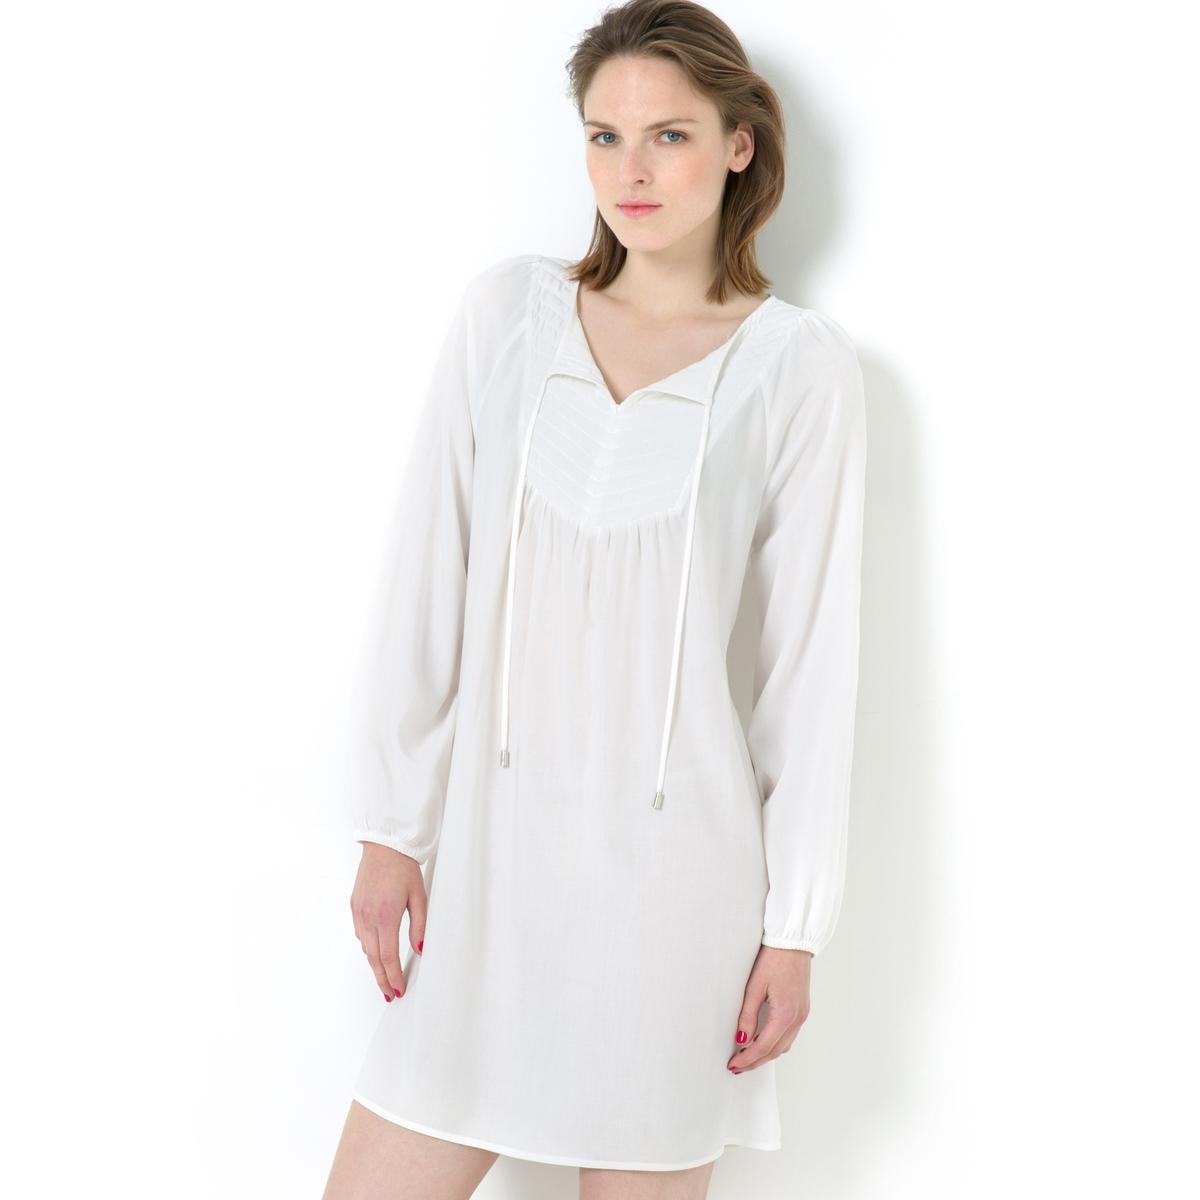 Платье с манишкойПлатье из 100% вискозы. Объемный покрой. Стёганая манишка спереди. Длинные рукава с эластичным низом. Длина: 92 см.<br><br>Цвет: черный,экрю<br>Размер: 34 (FR) - 40 (RUS)